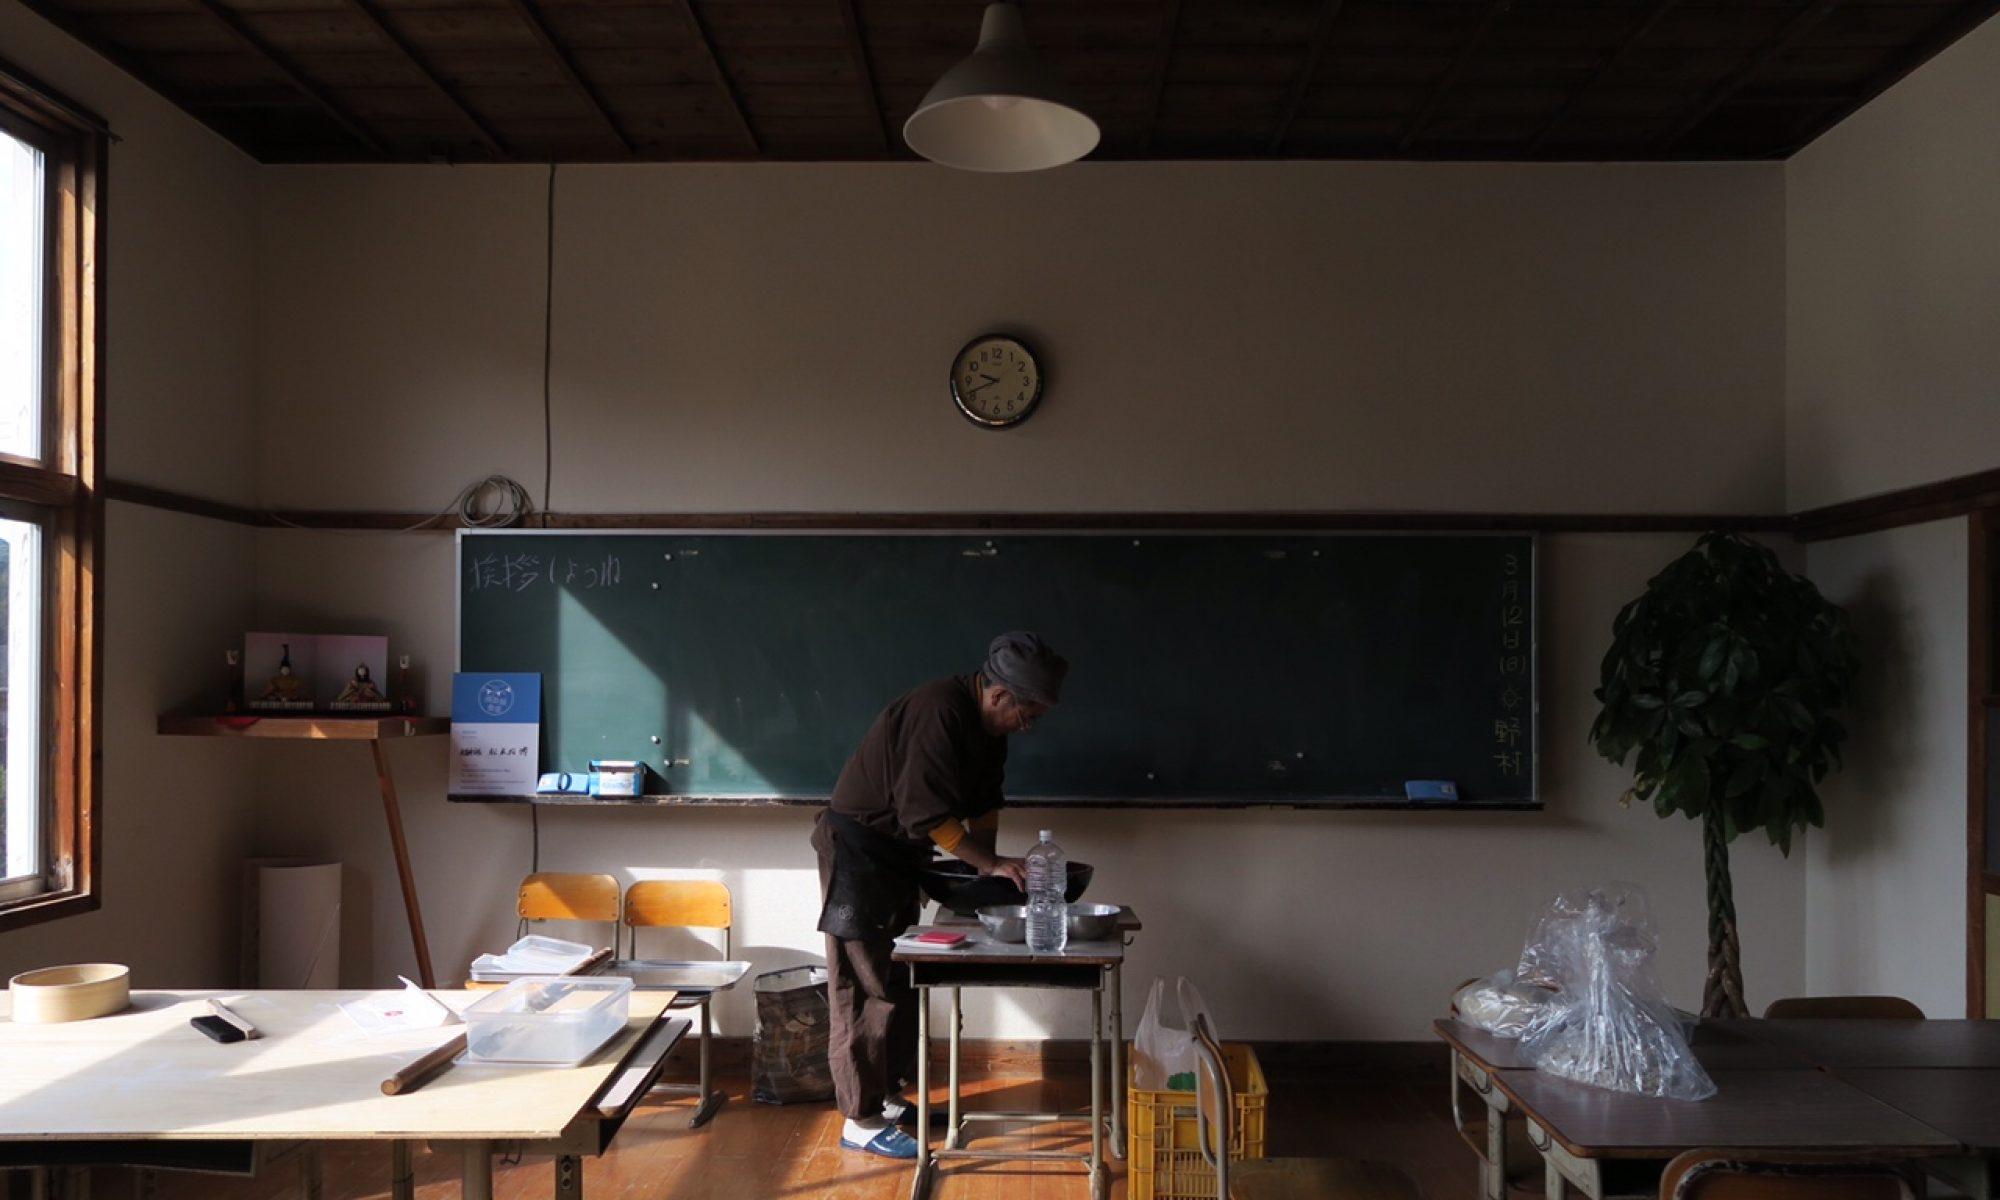 長屋茶房天真庵の庵主のブログ